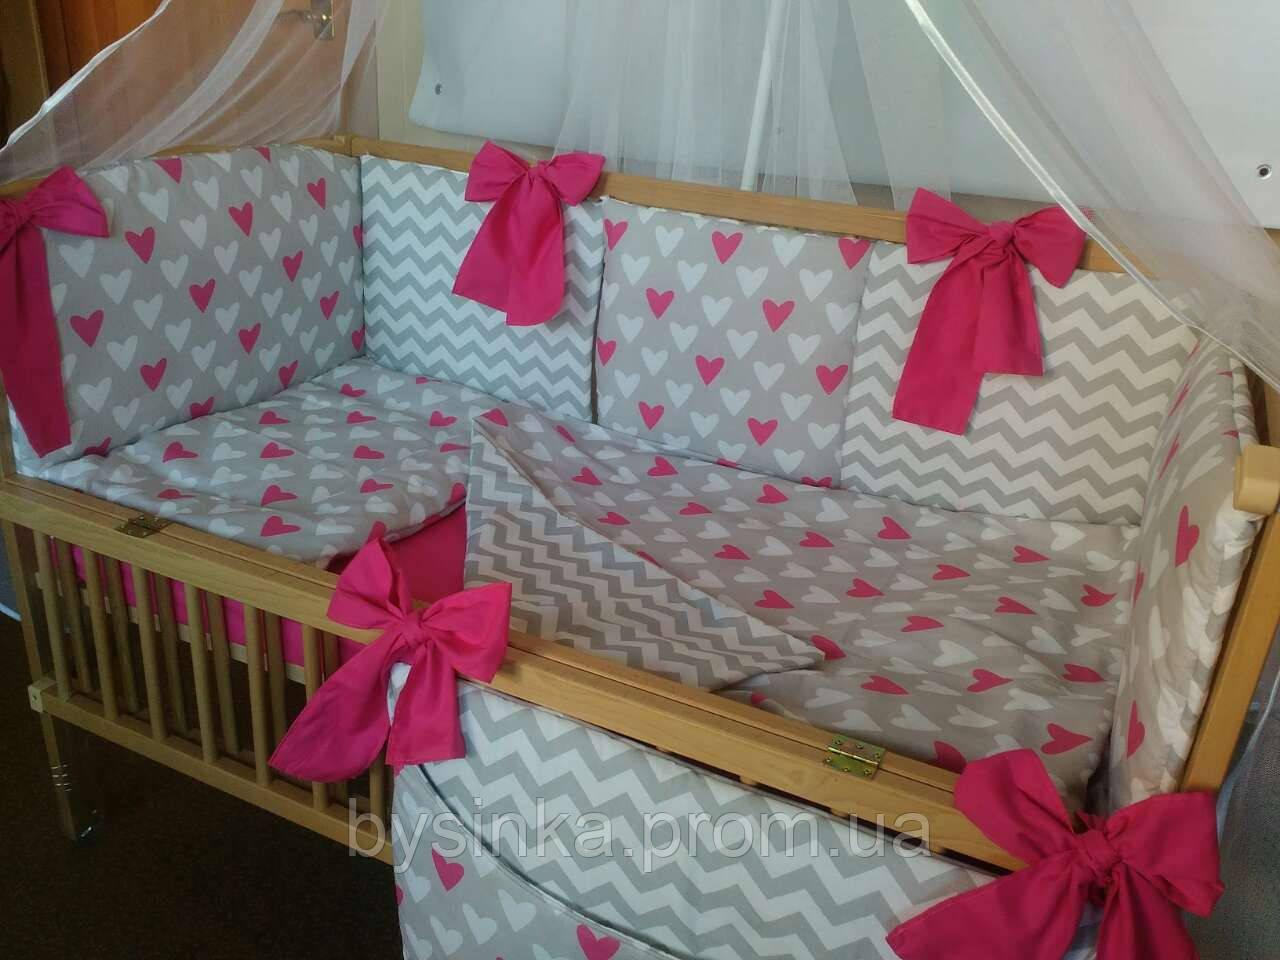 """Комплект в кроватку новорожденного с бортиками подушечками - """"Сладкий сон"""" 7 ед."""